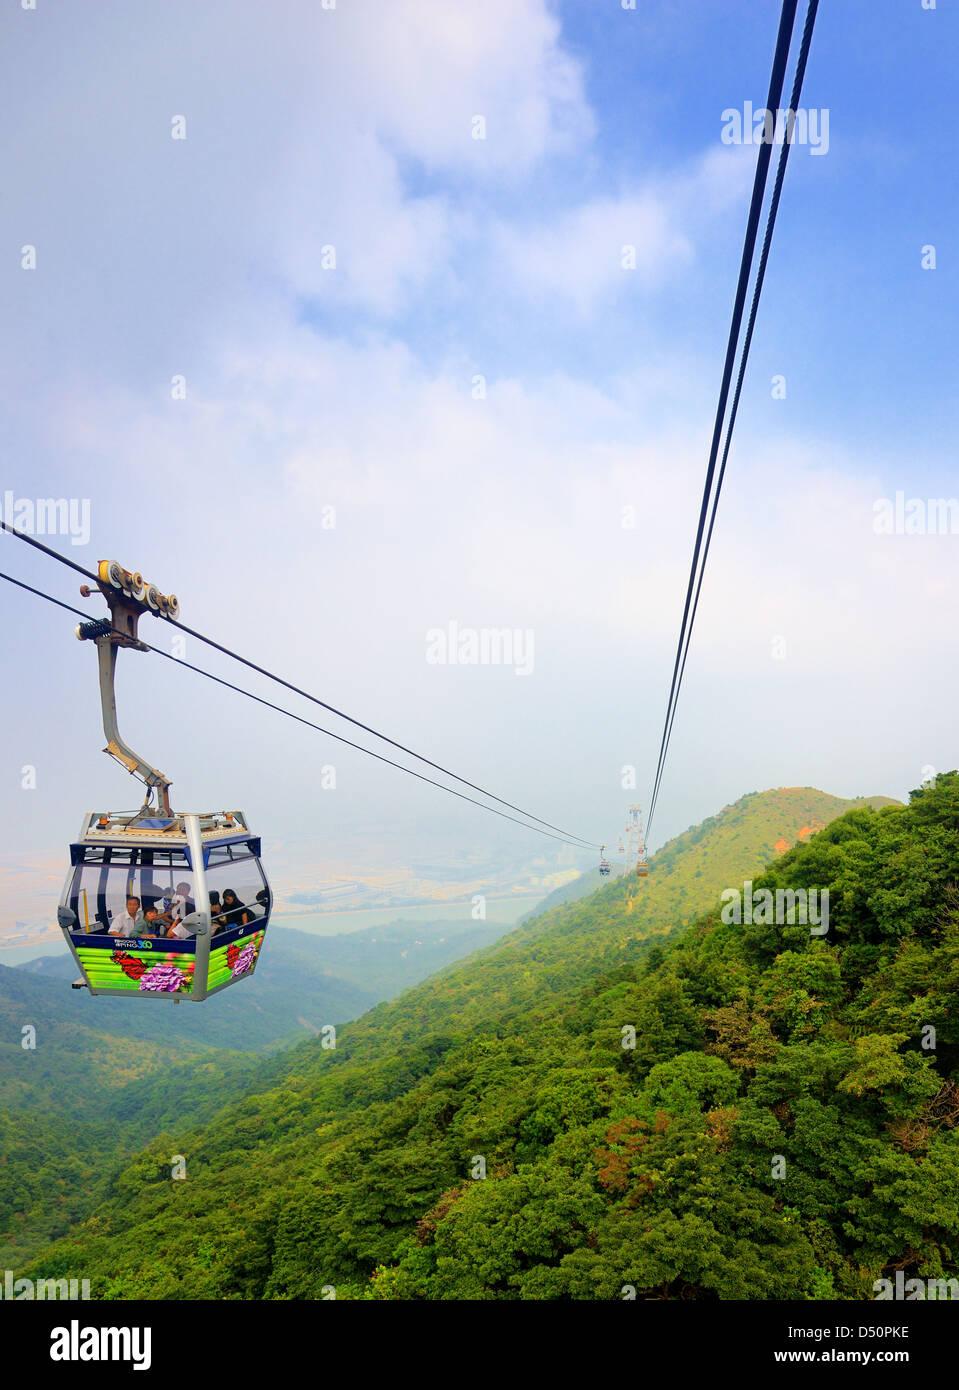 Ngong Ping Cable Car October 15, 2012 in Hong Kong, PRC. - Stock Image